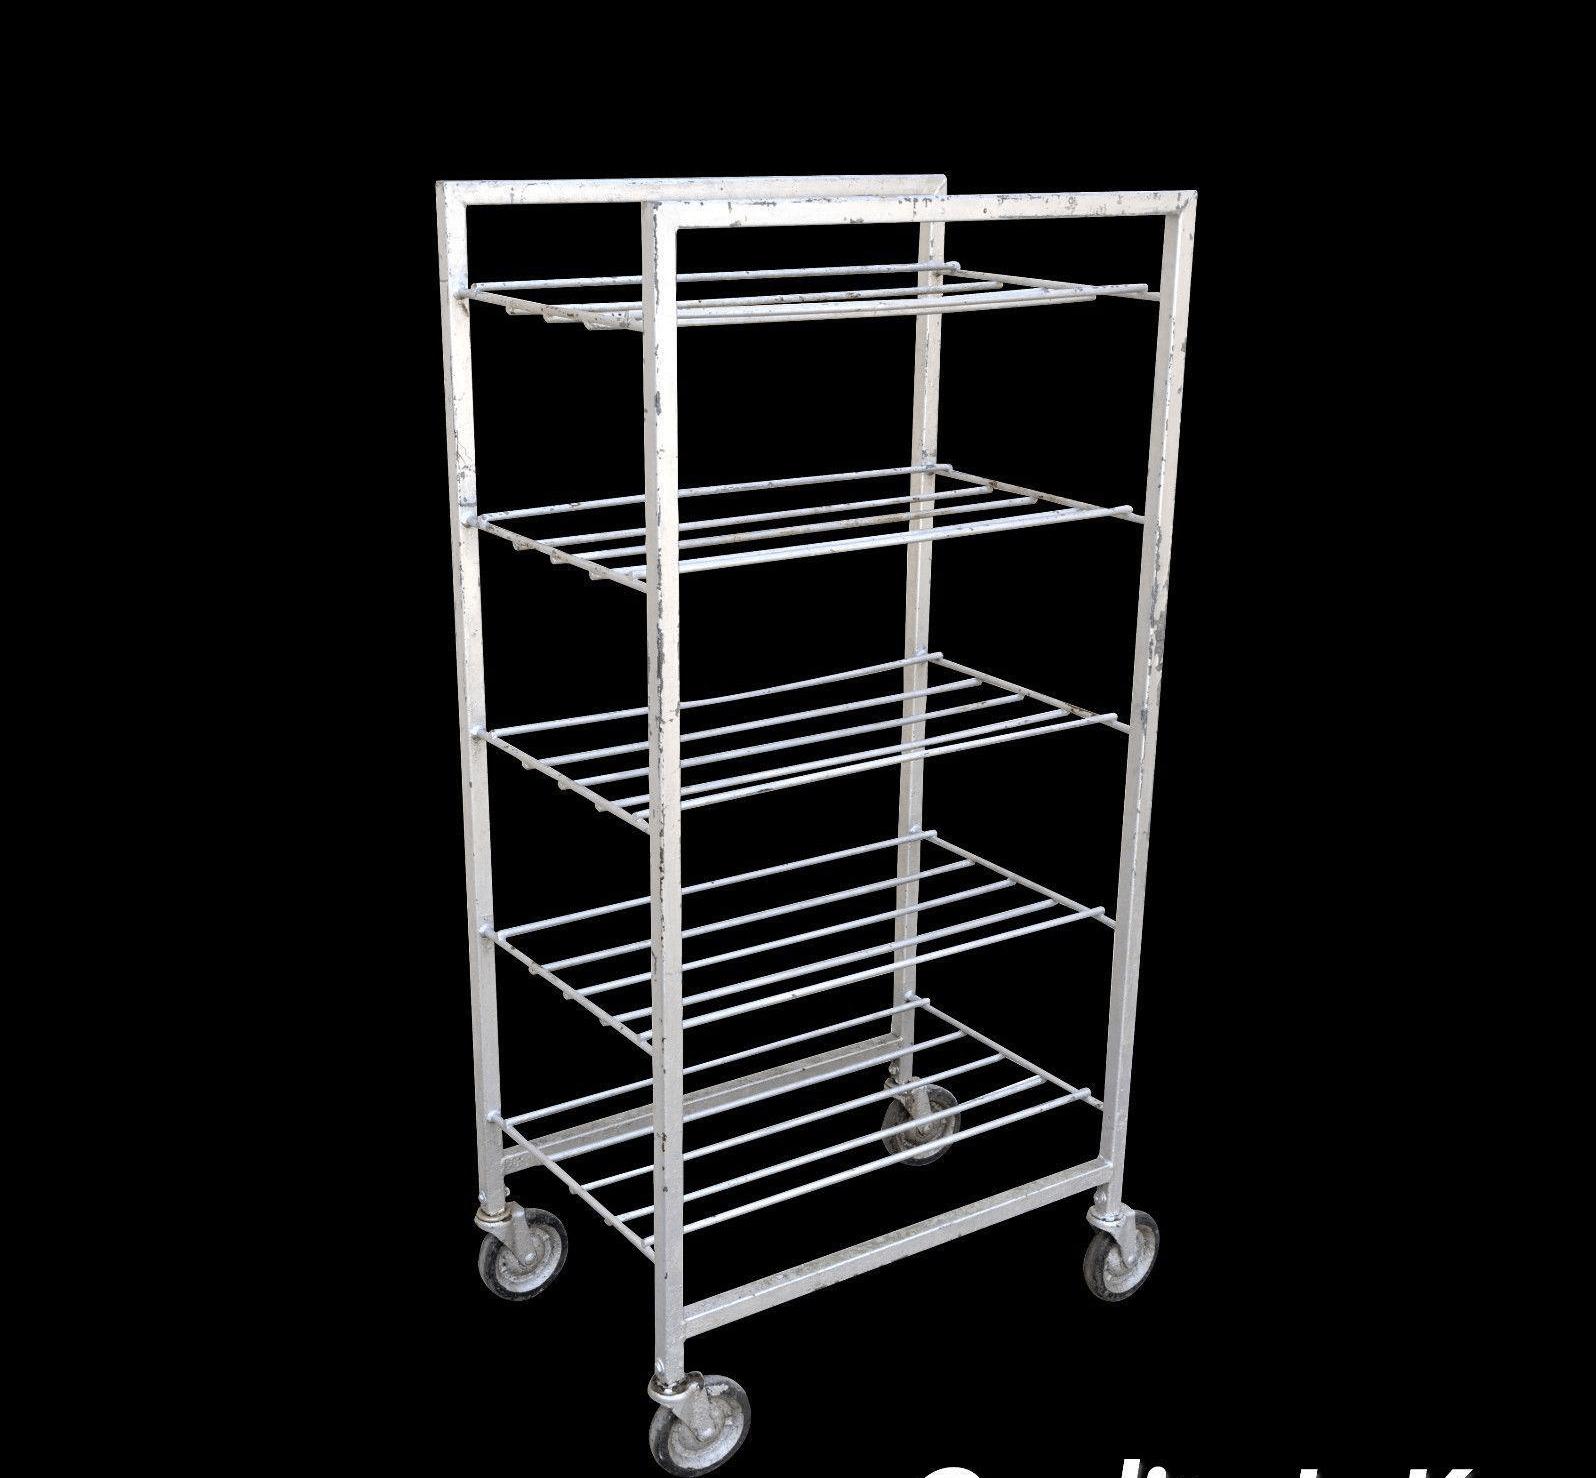 vintage industrial metal rolling 5 tier bakery bakers cart display shelf rack